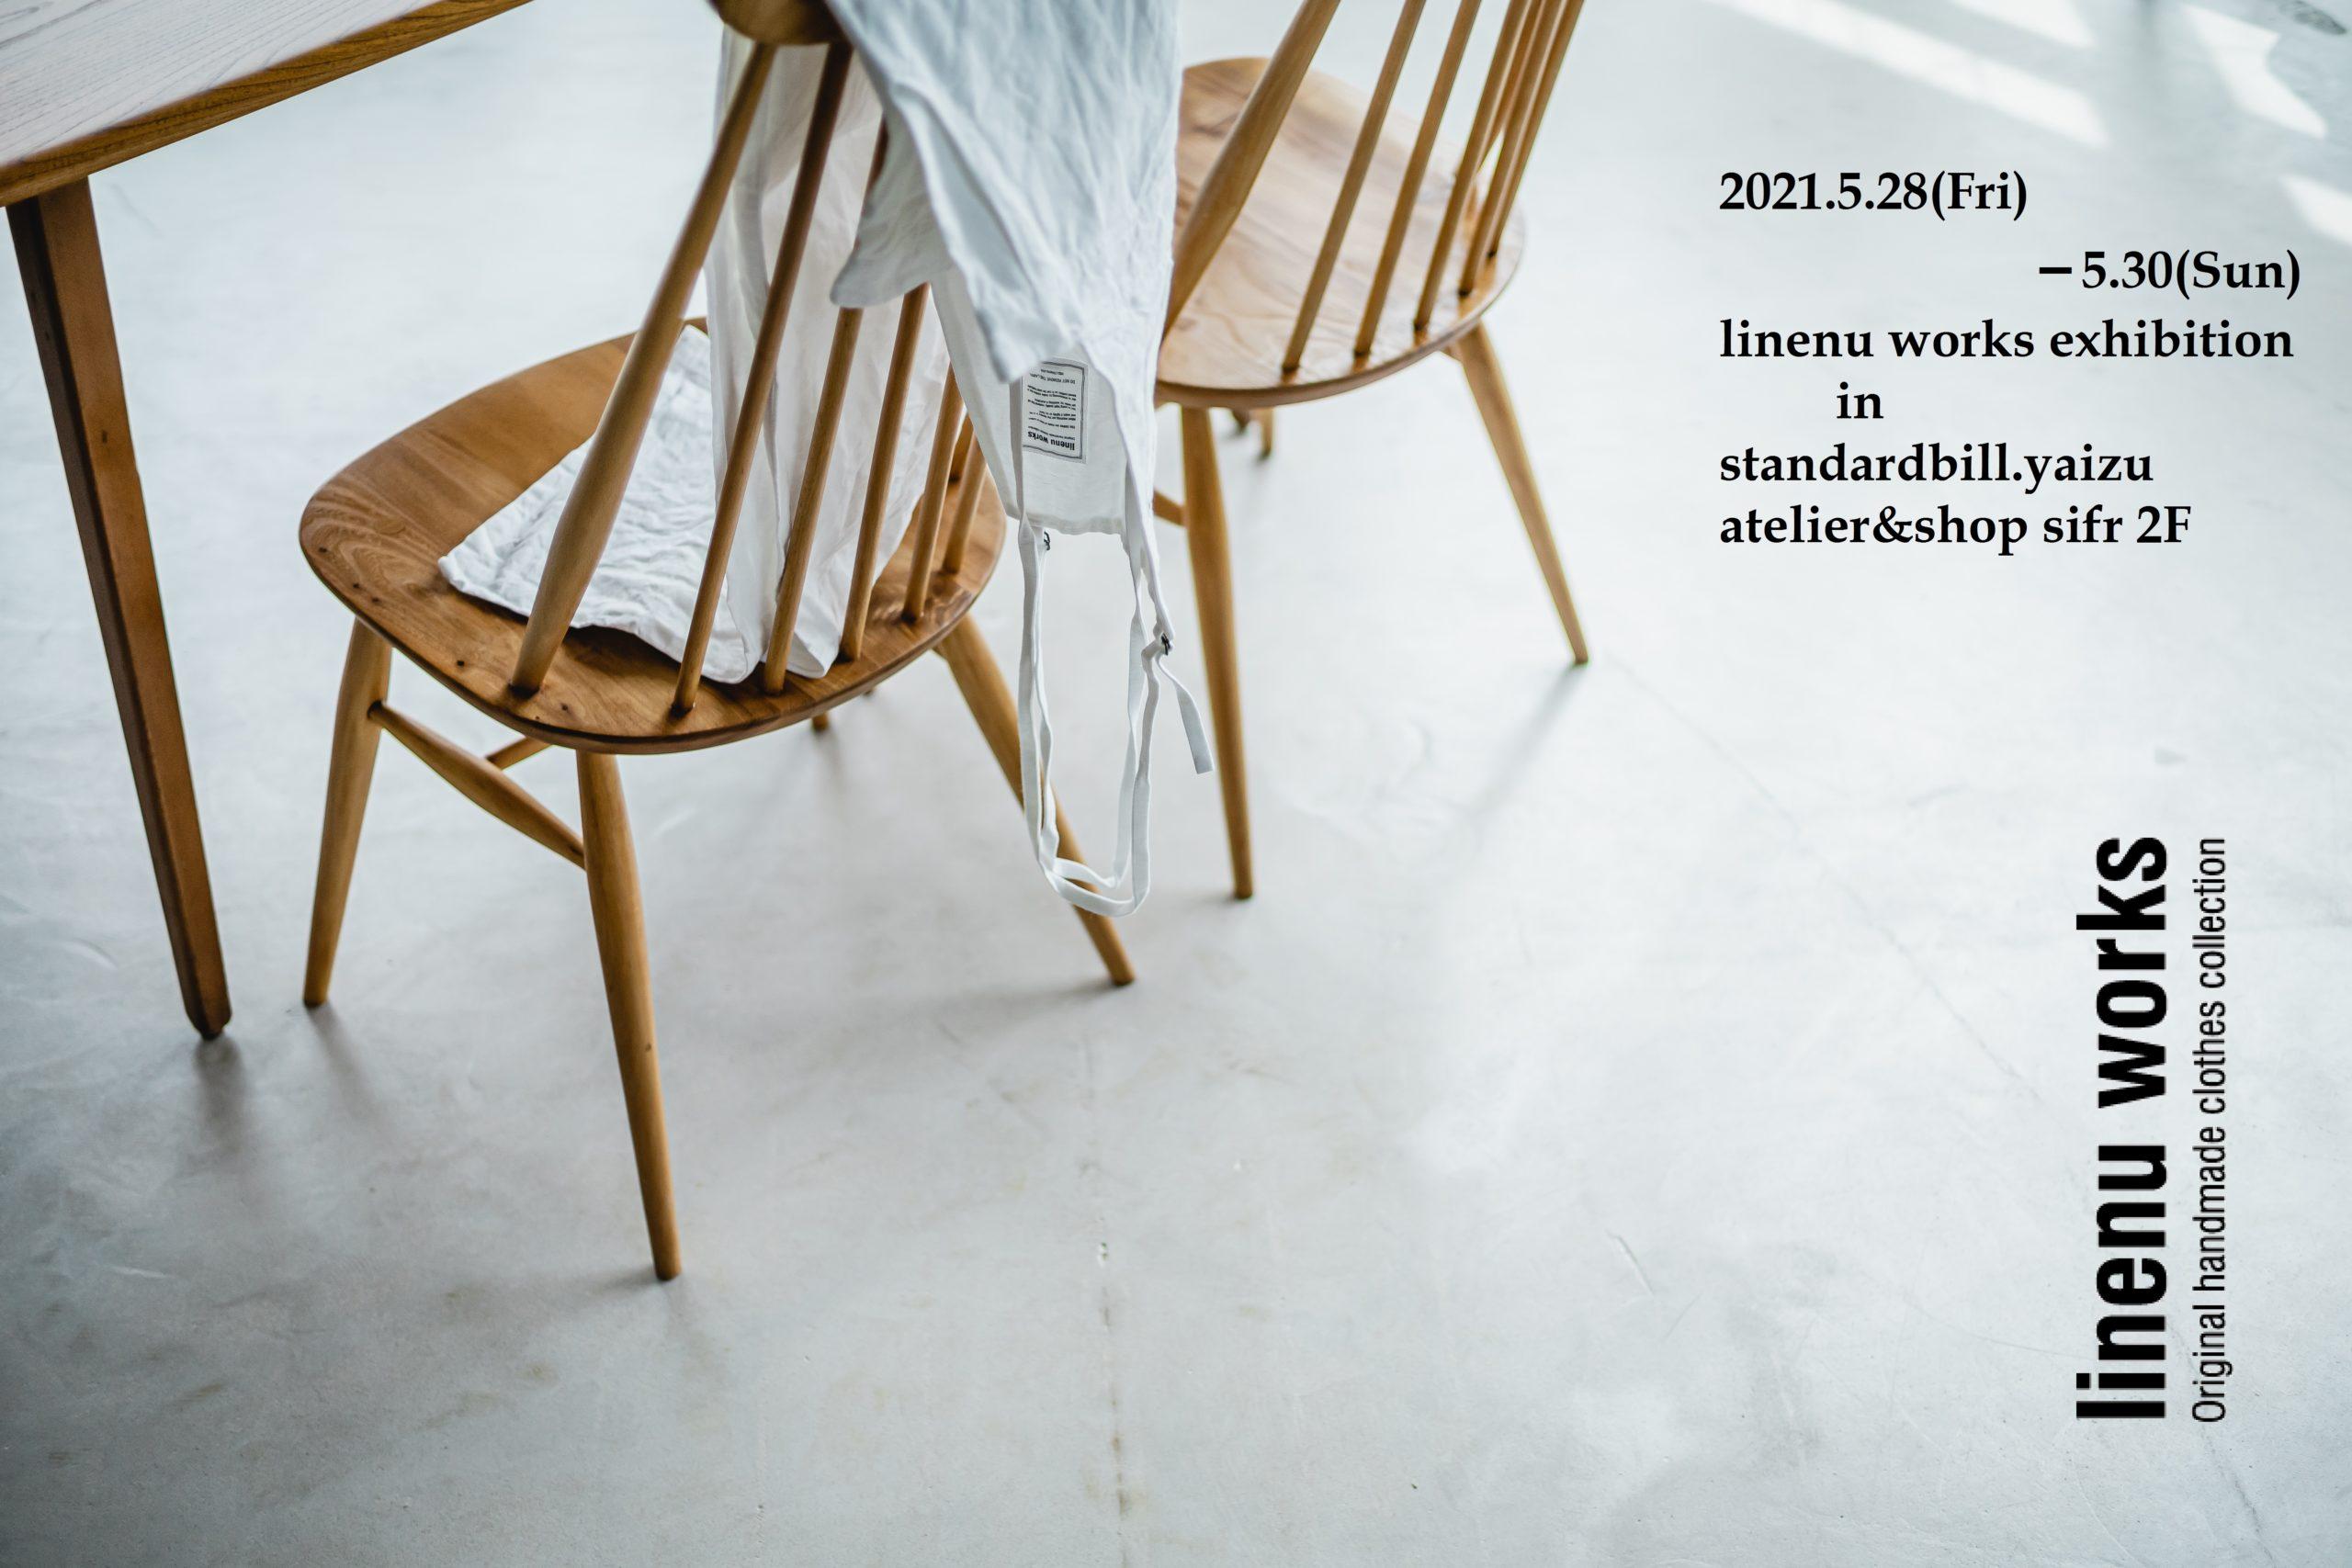 【大人に似合うサロペットのためのアイテムリリース】exhibition in STANDARDBILL YAIZU/静岡焼津